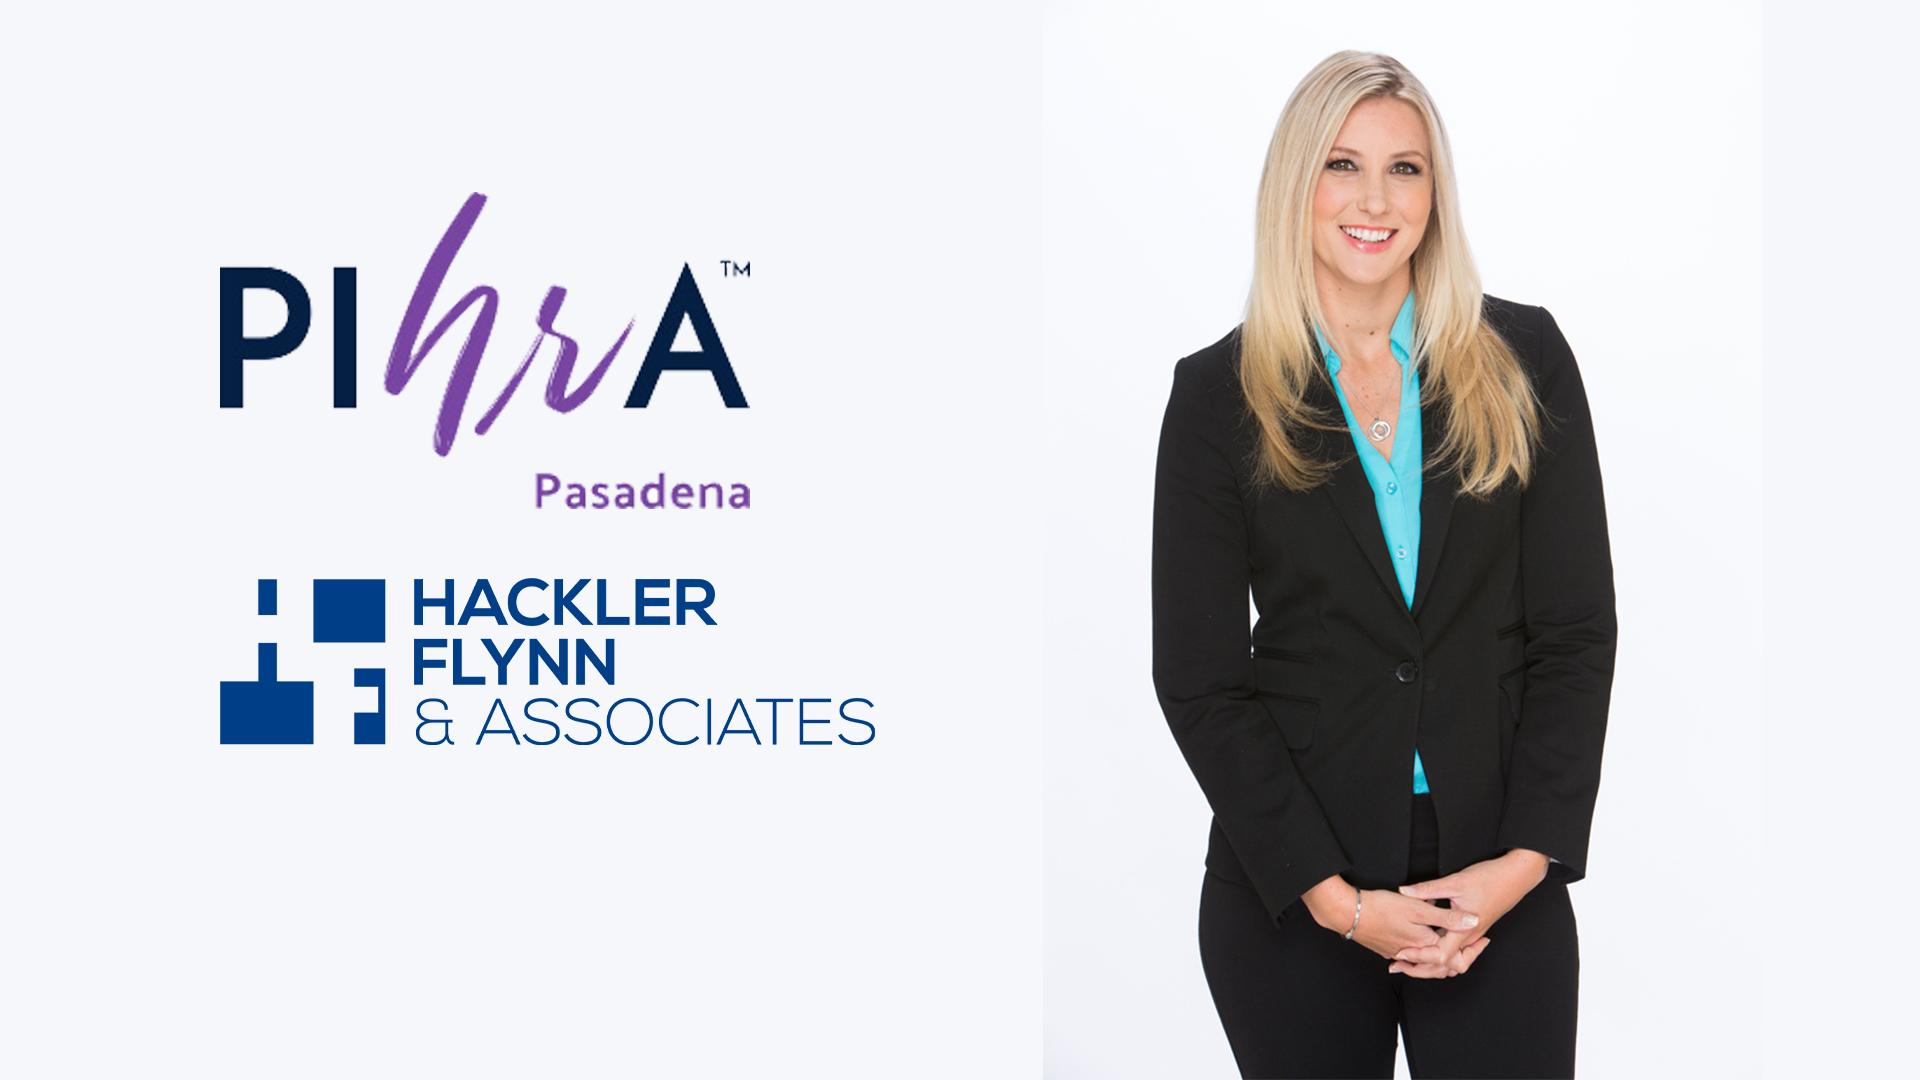 Hackler Flynn PIHRA Pasadena